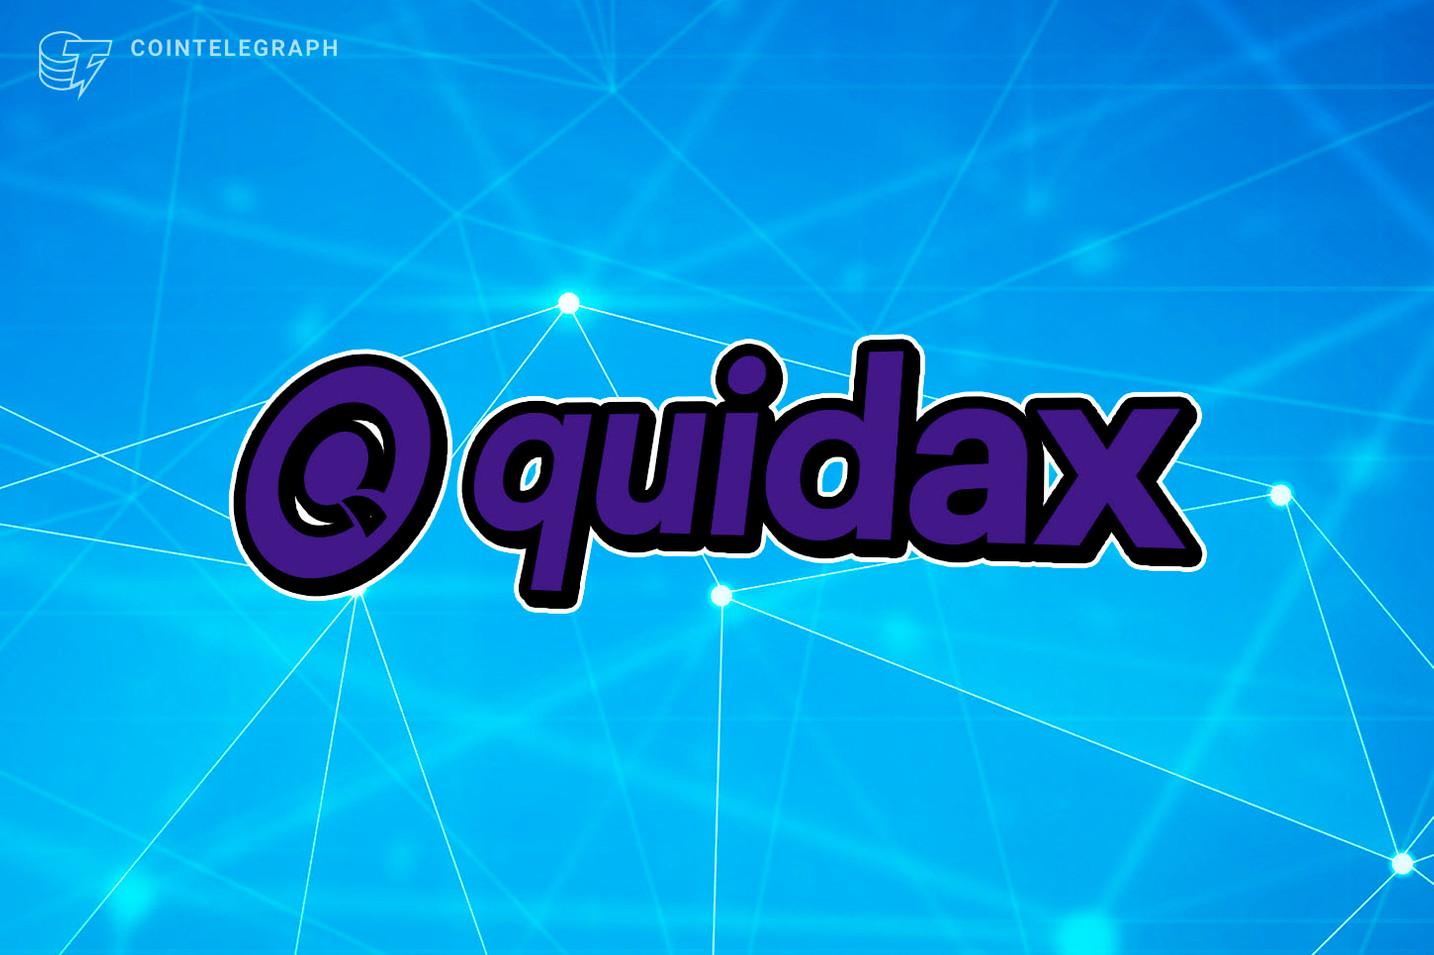 非洲加密货币交易所Quidax在5月19日筹集超过300万美元